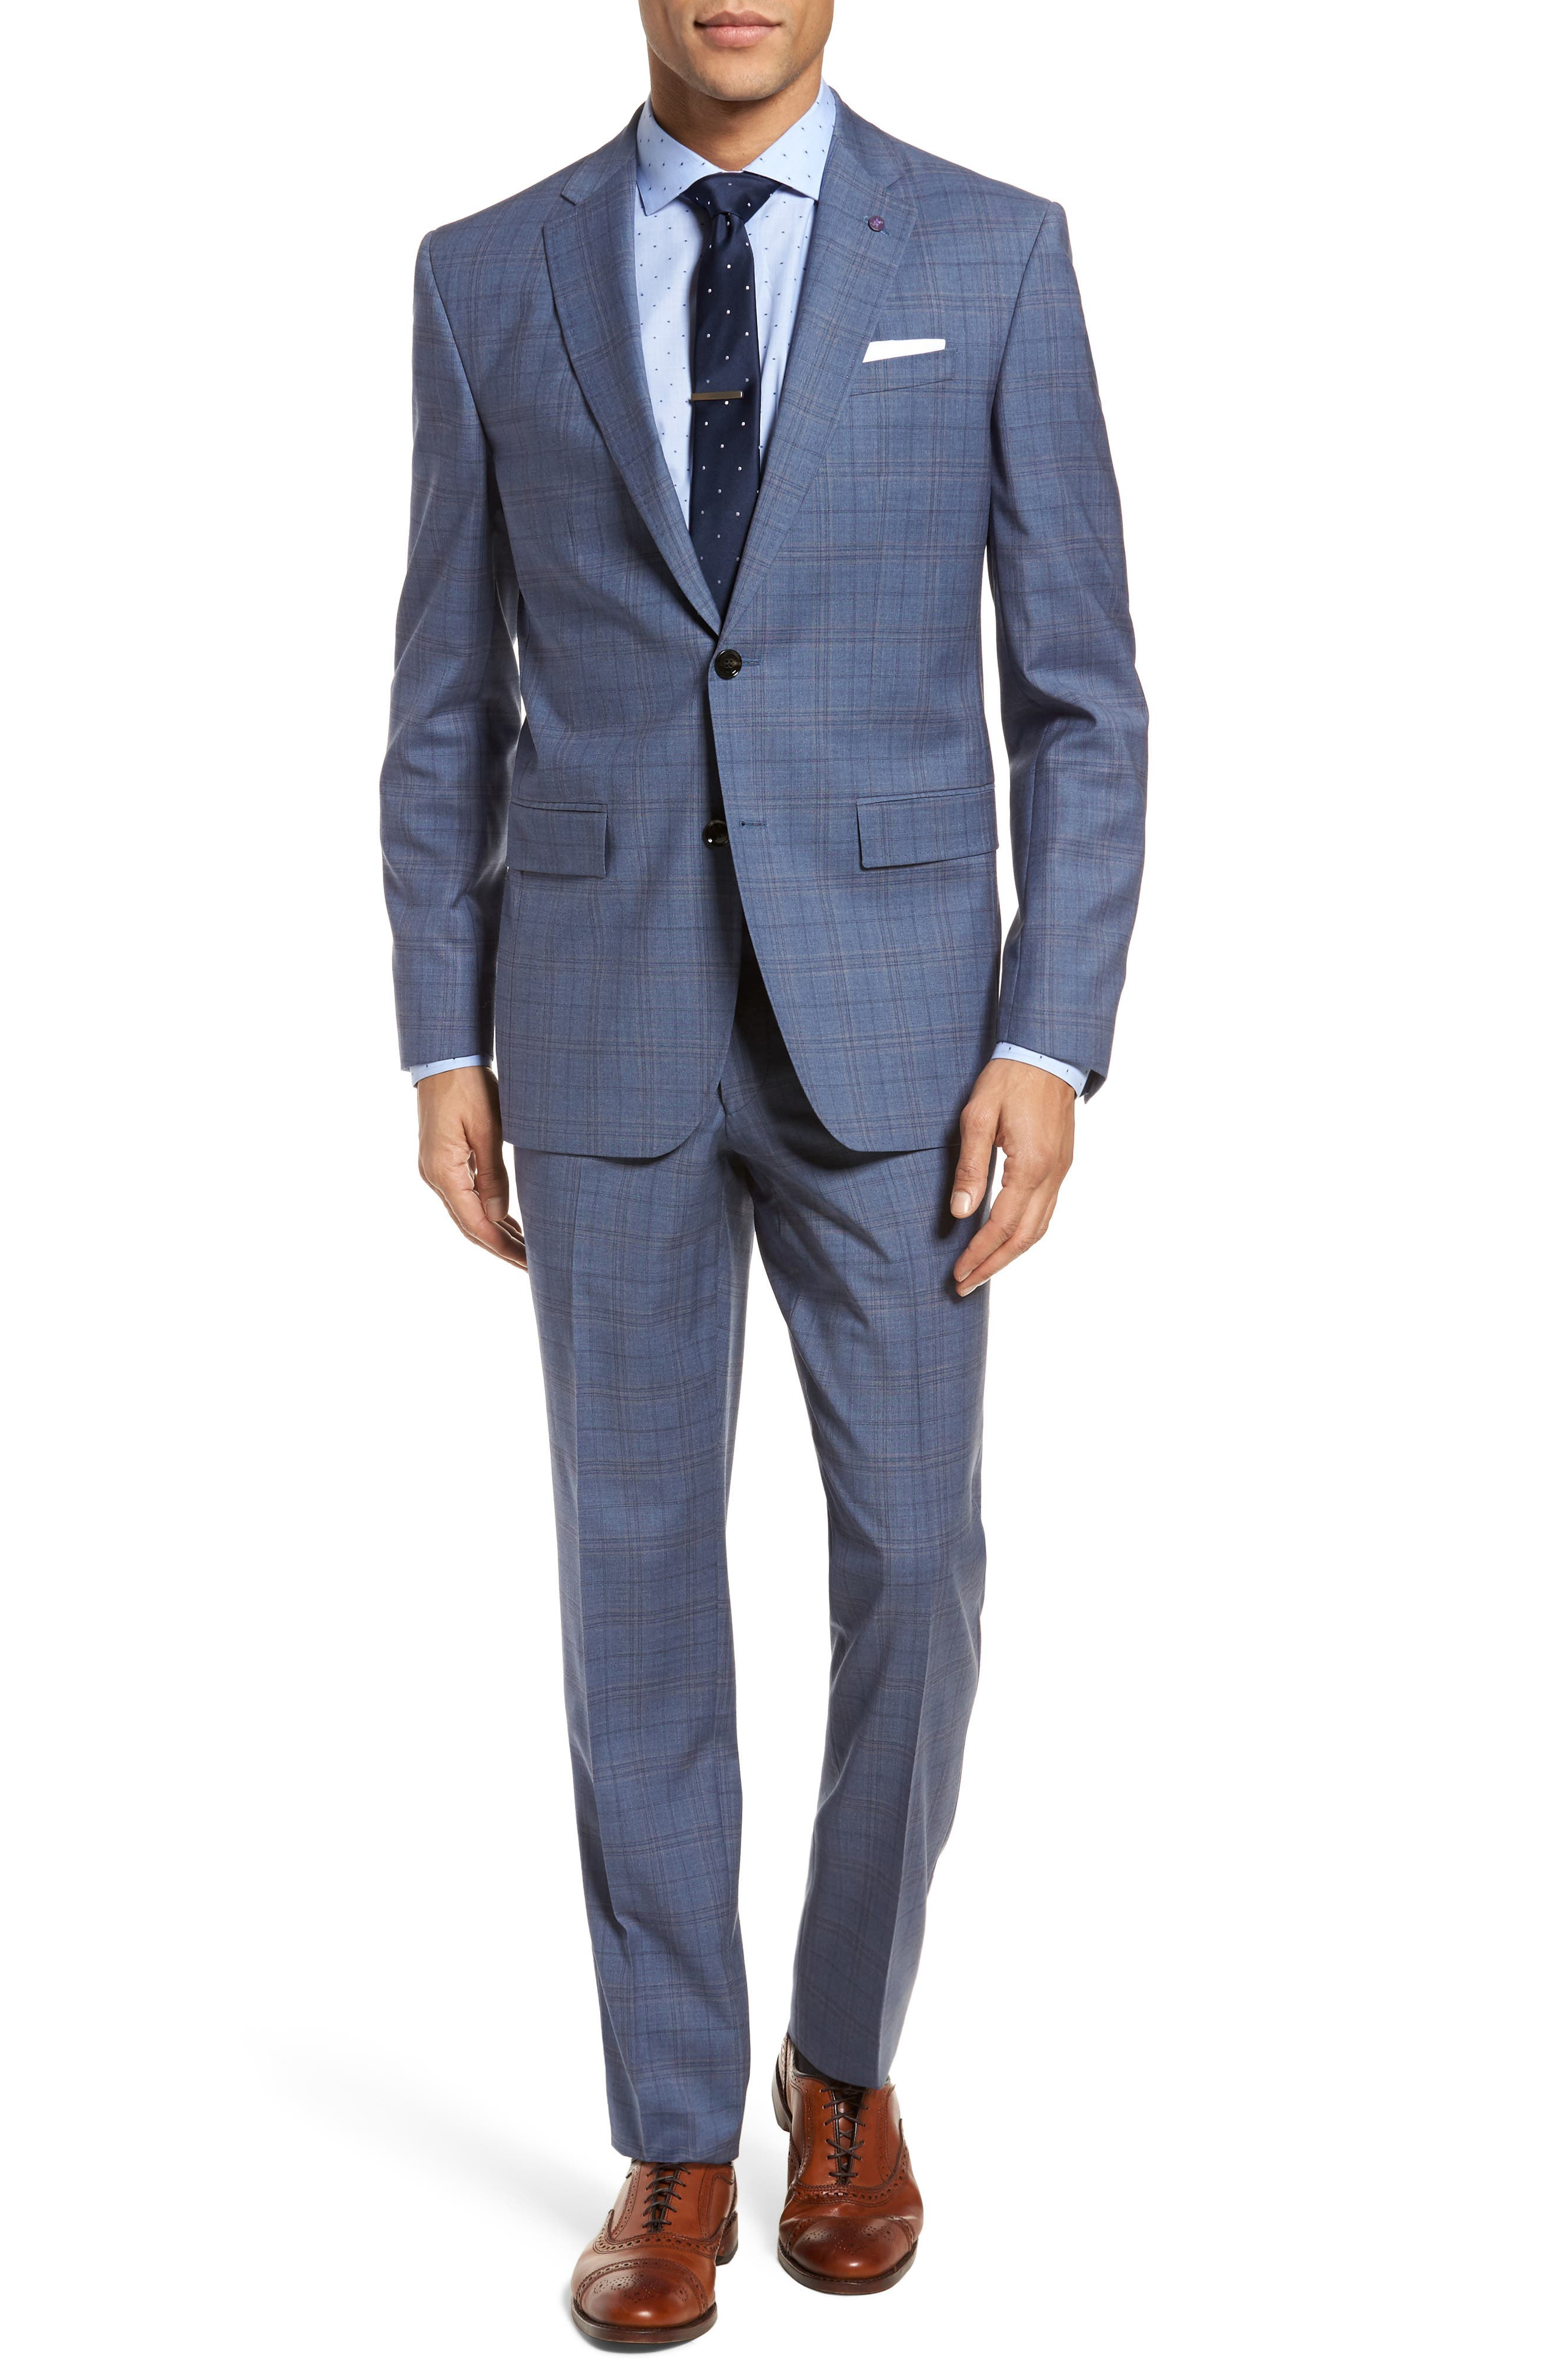 Jay Trim Fit Plaid Wool Suit,                             Main thumbnail 1, color,                             Blue